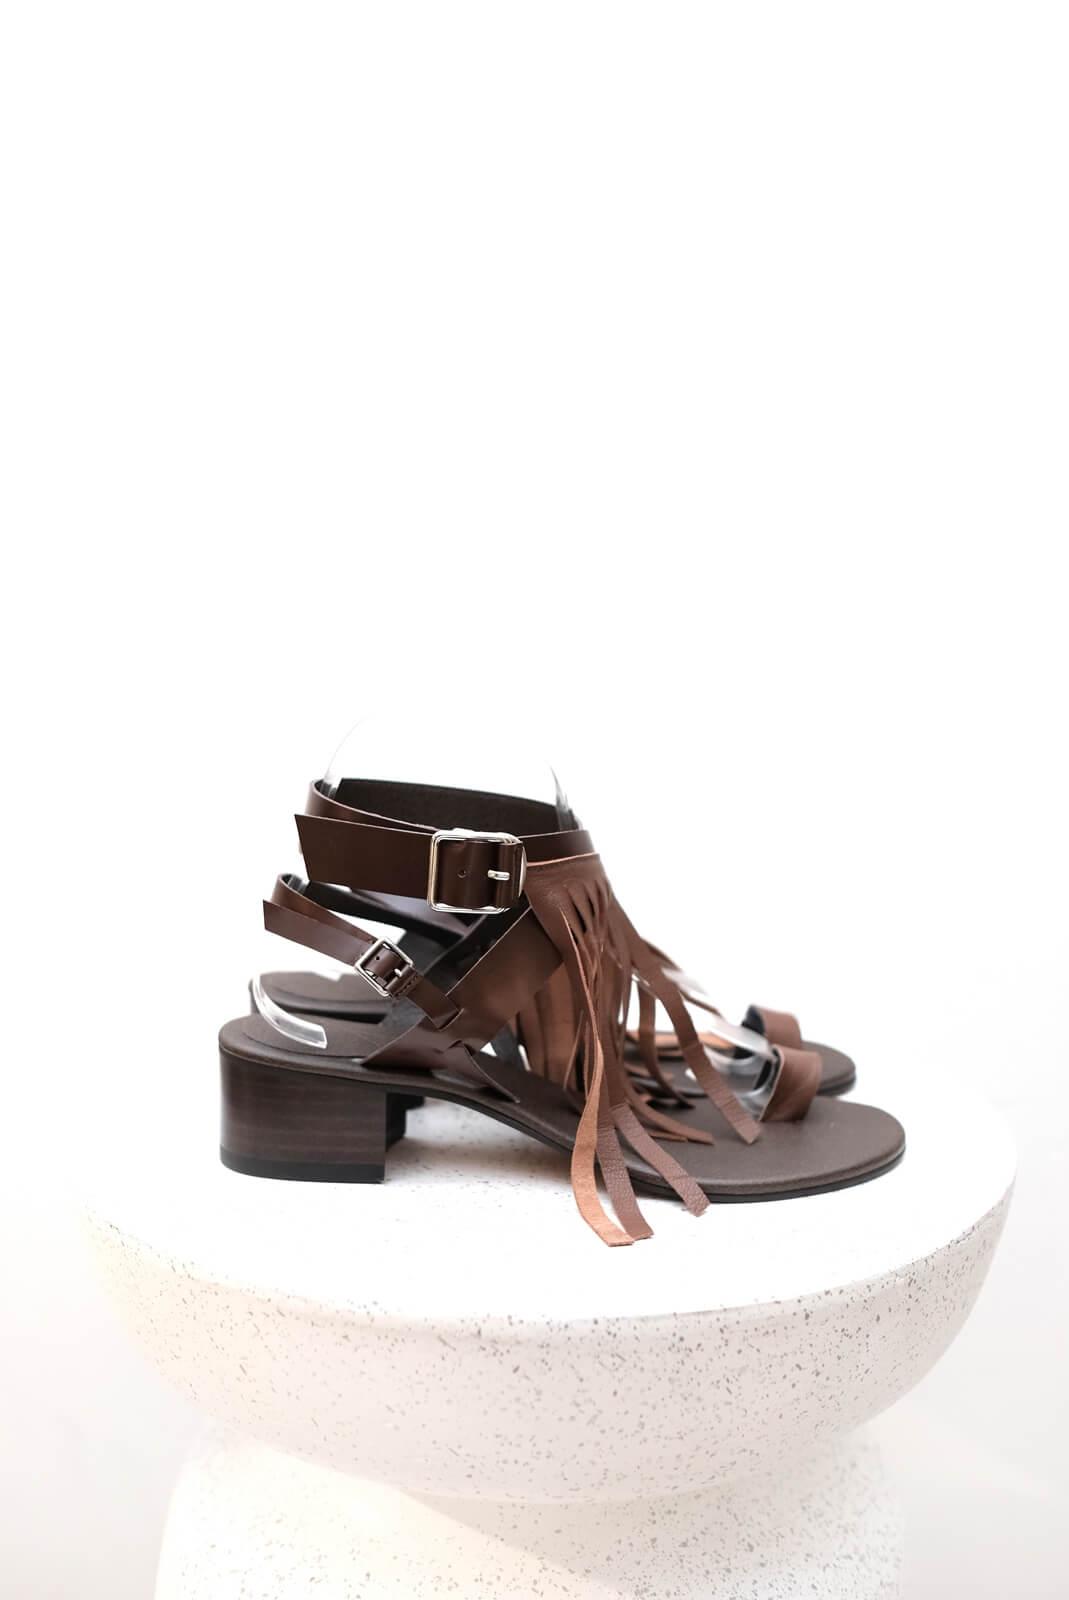 DC Fringe Sandals